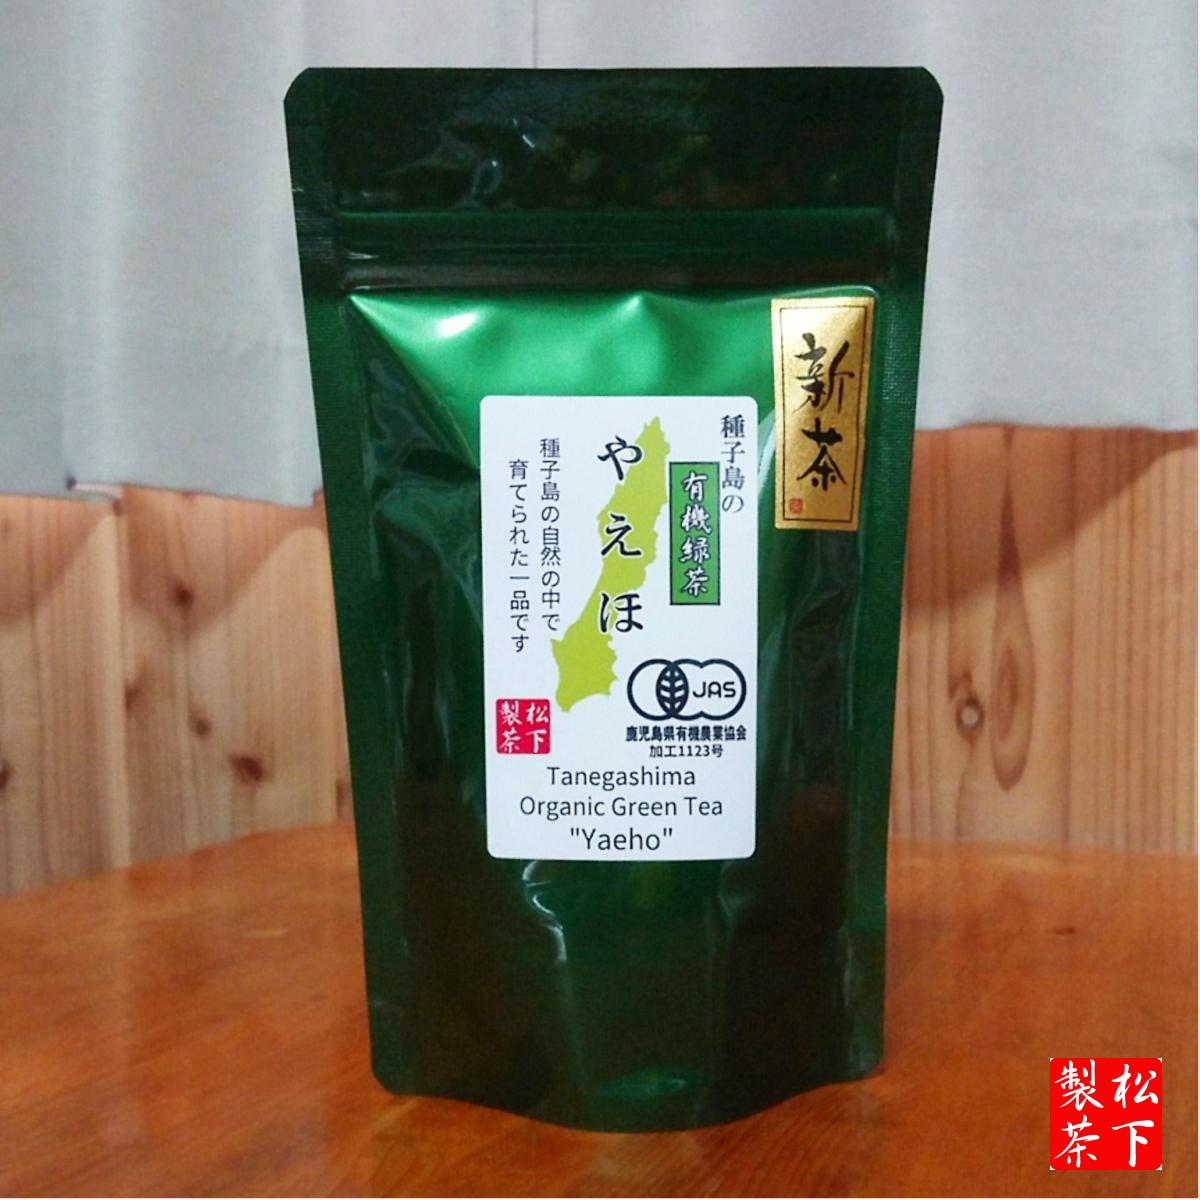 種子島の有機緑茶『やえほ』 茶葉(リーフ) 100g 松下製茶